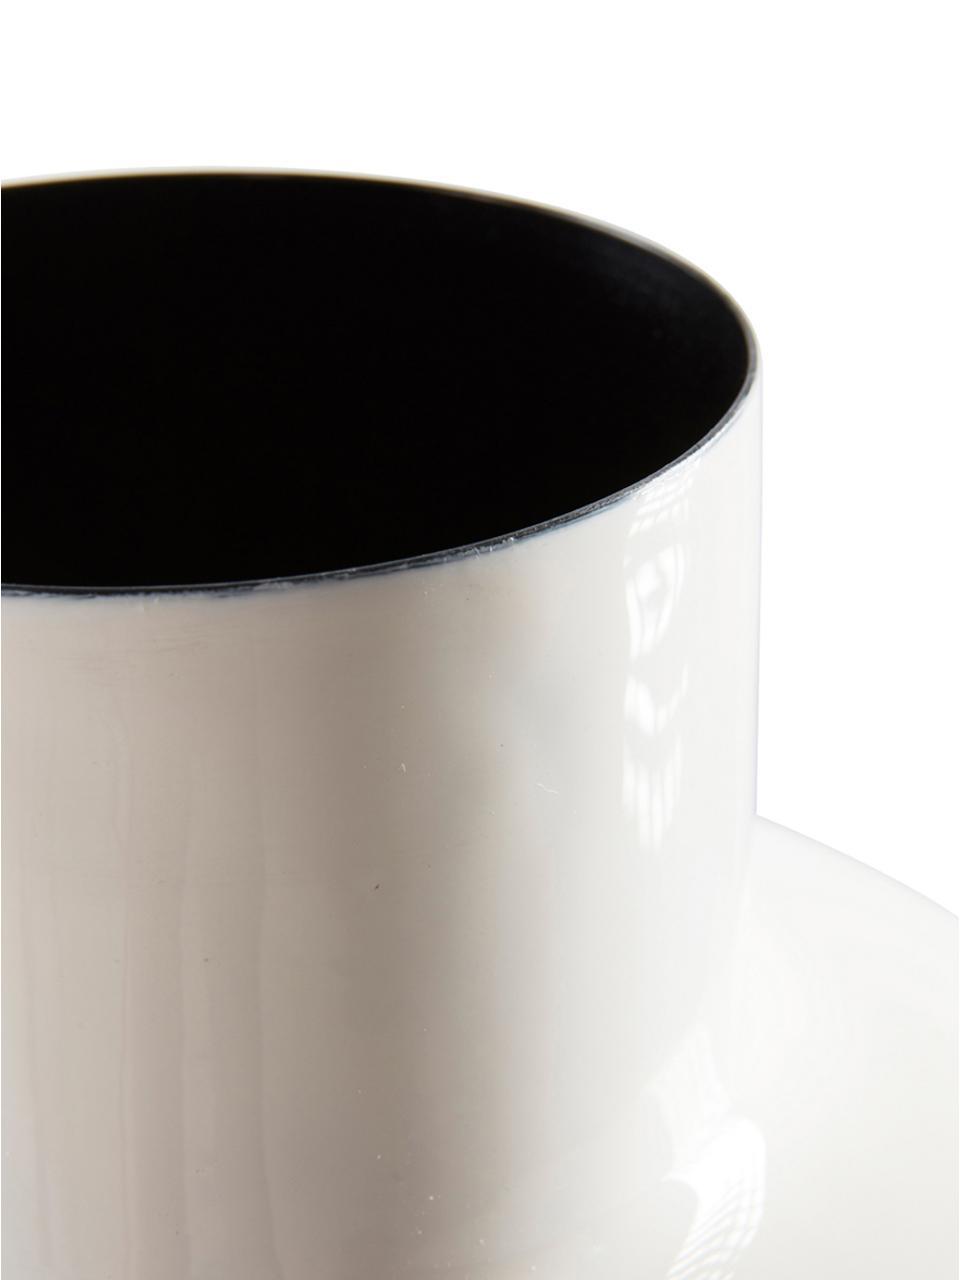 Vase Waco aus Metall, Metall, emailliert, Weiß, Ø 25 x H 43 cm